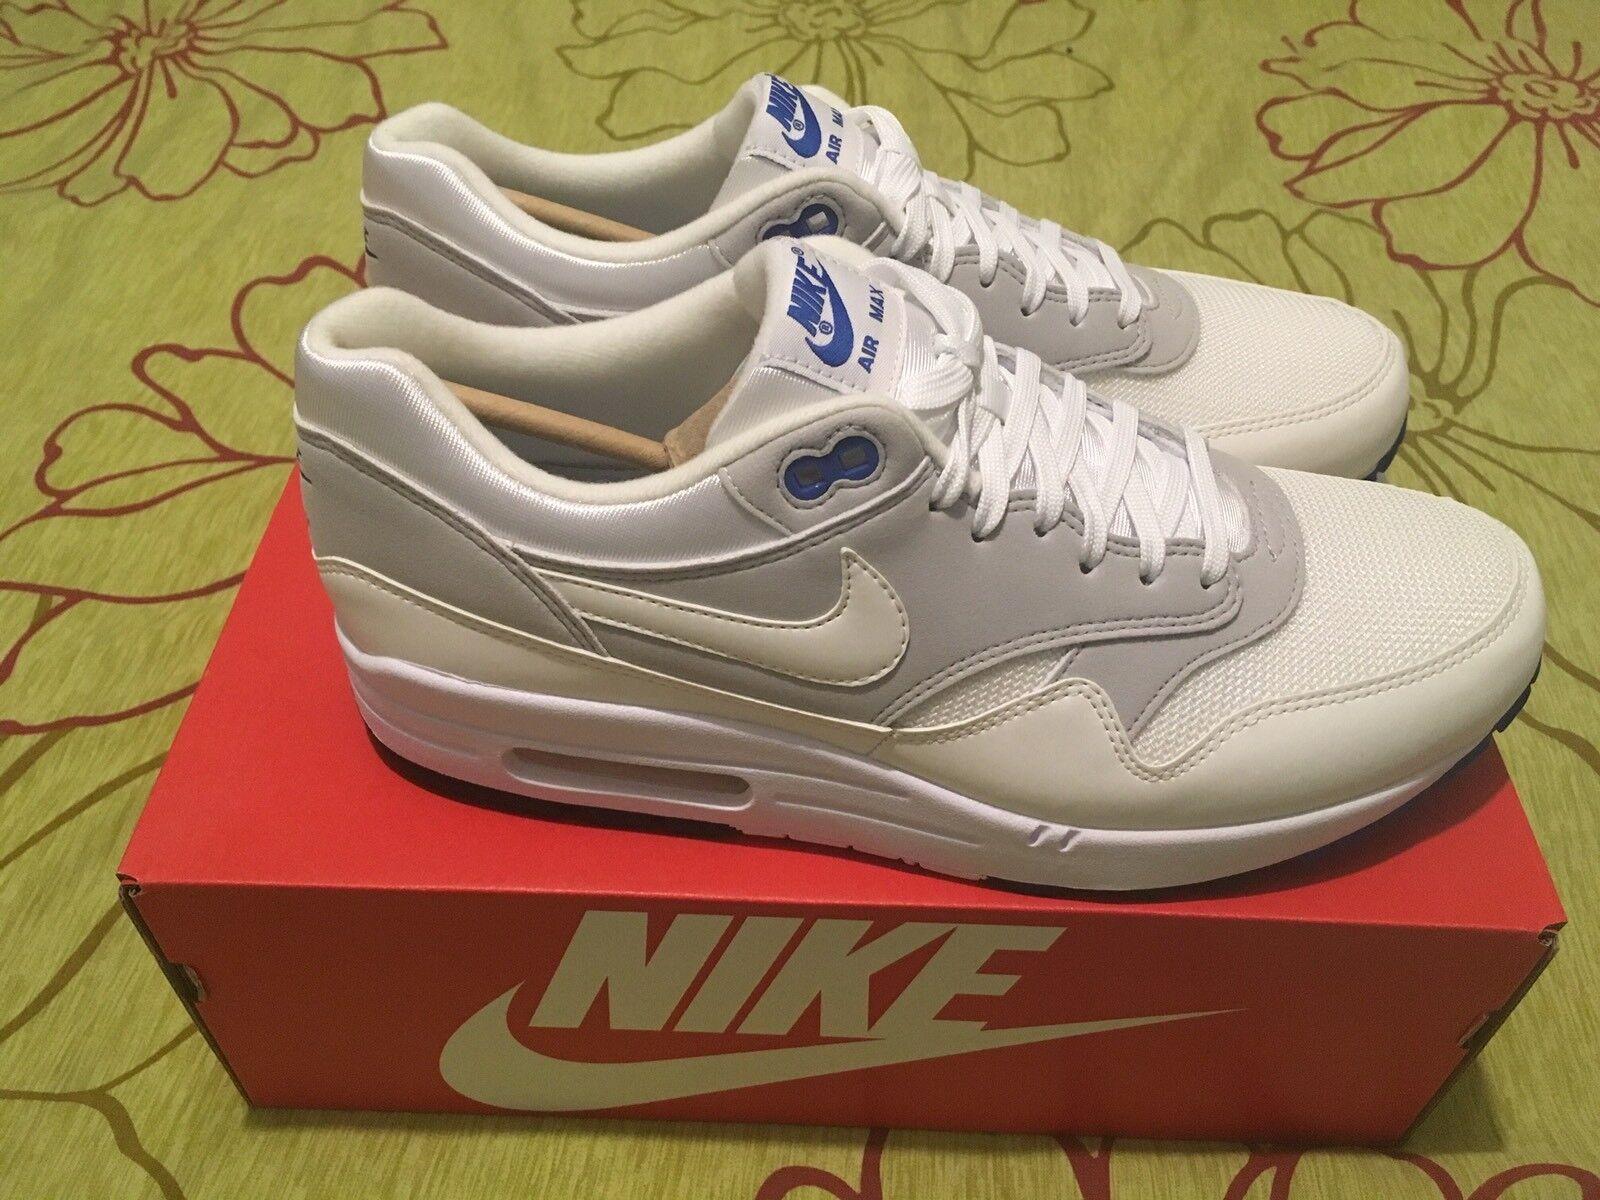 Nike Air Max 1 1 1 Dimensione 44.5 EUR   10.5 US Neuve 0d58a2